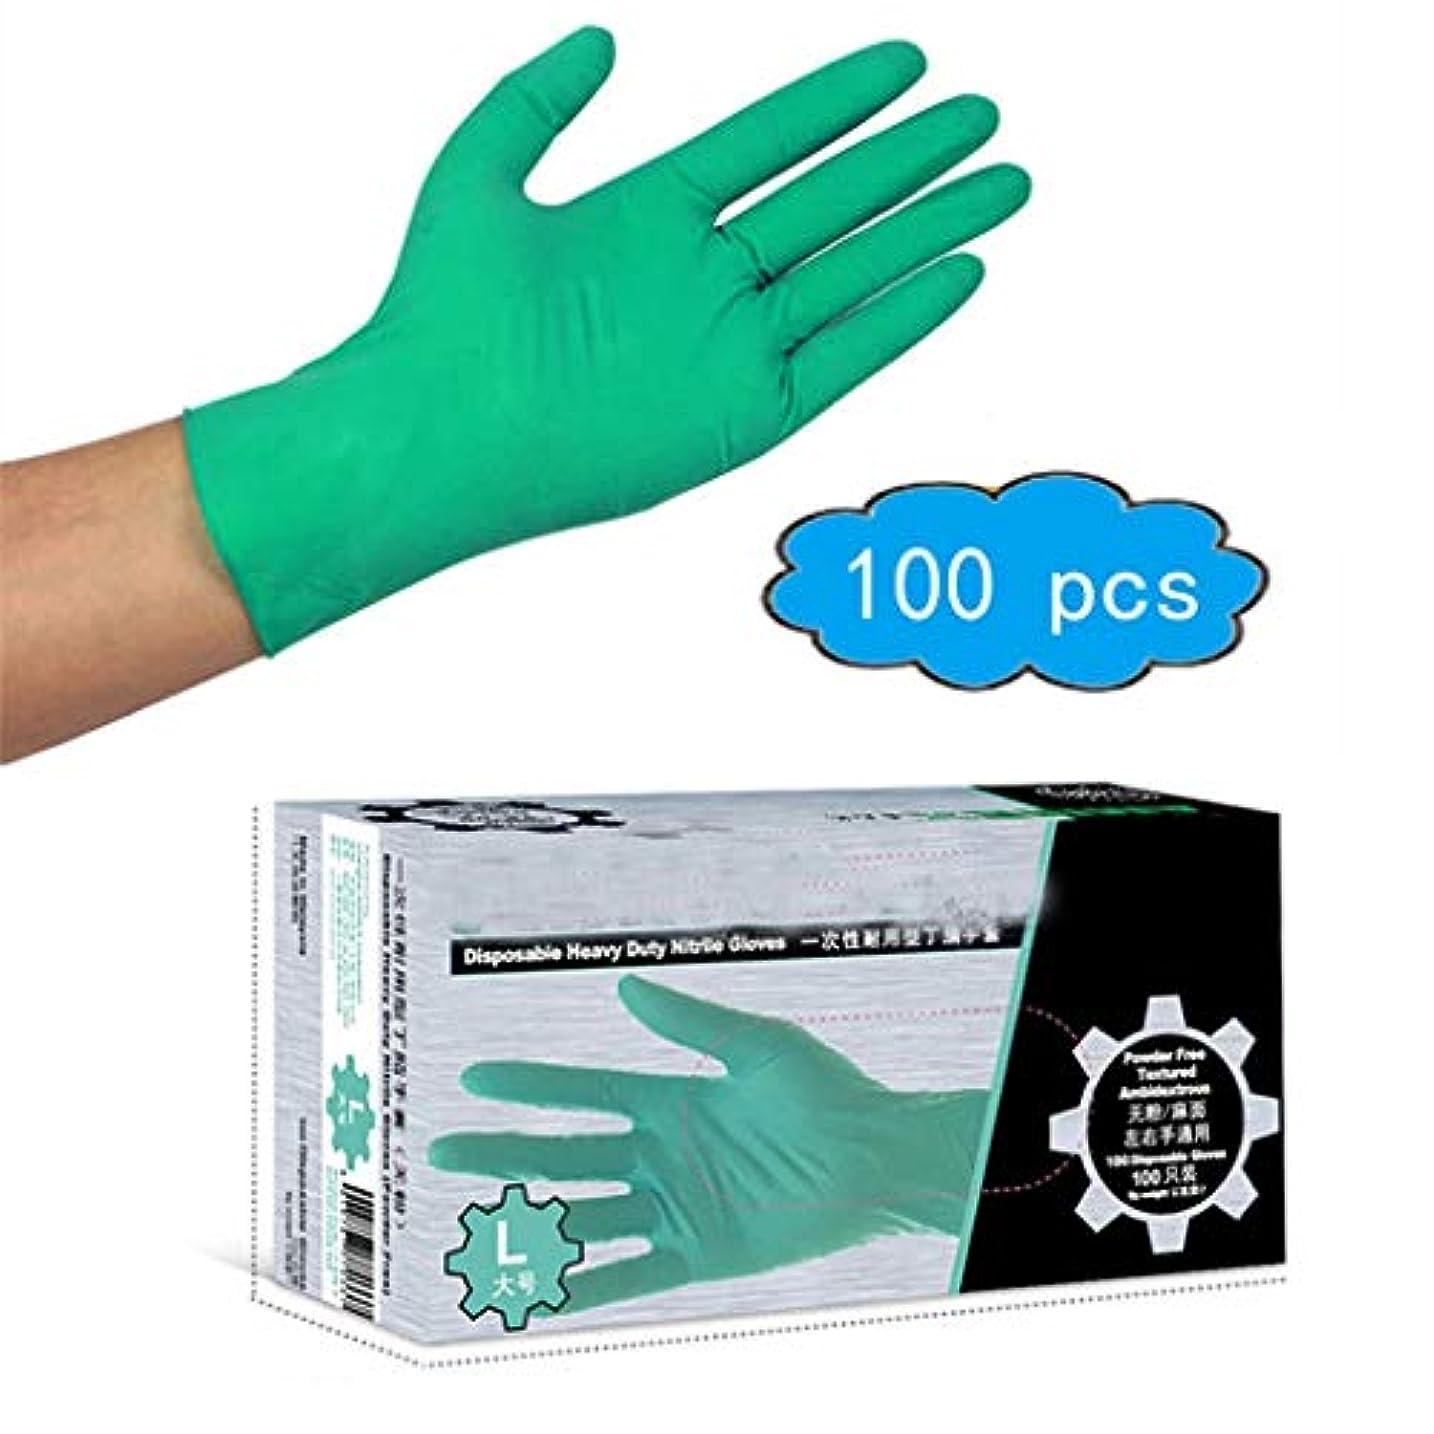 非公式オーブン宇宙船使い捨てニトリル手袋、100箱、厚くて耐久性のある、緑、ニトリル研究所、耐油性、酸およびアルカリ、食品用手袋 (Color : Green, Size : L)